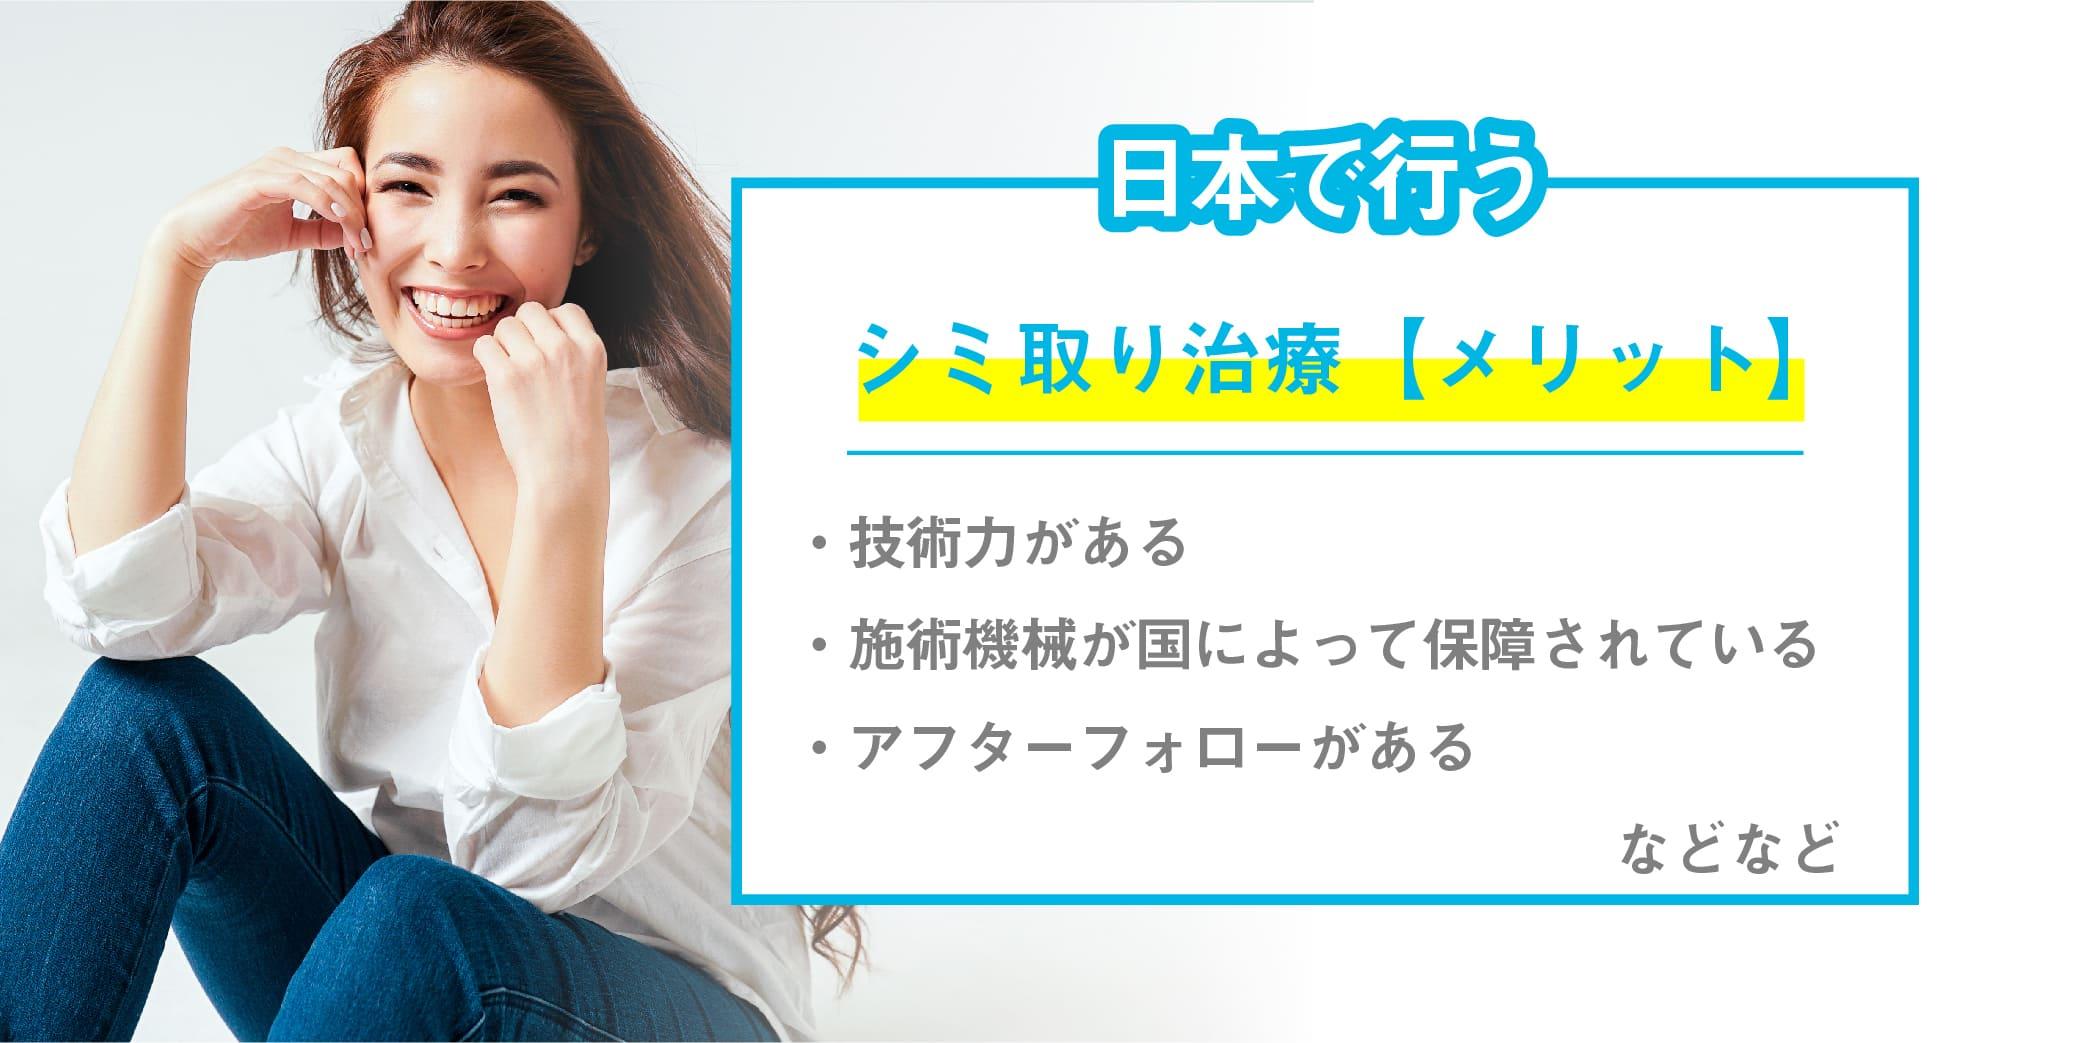 ミセルクリニック 日本で行うシミ取り治療【メリット】 技術力がある 施術機械が国によって保障されている アフターフォローがある